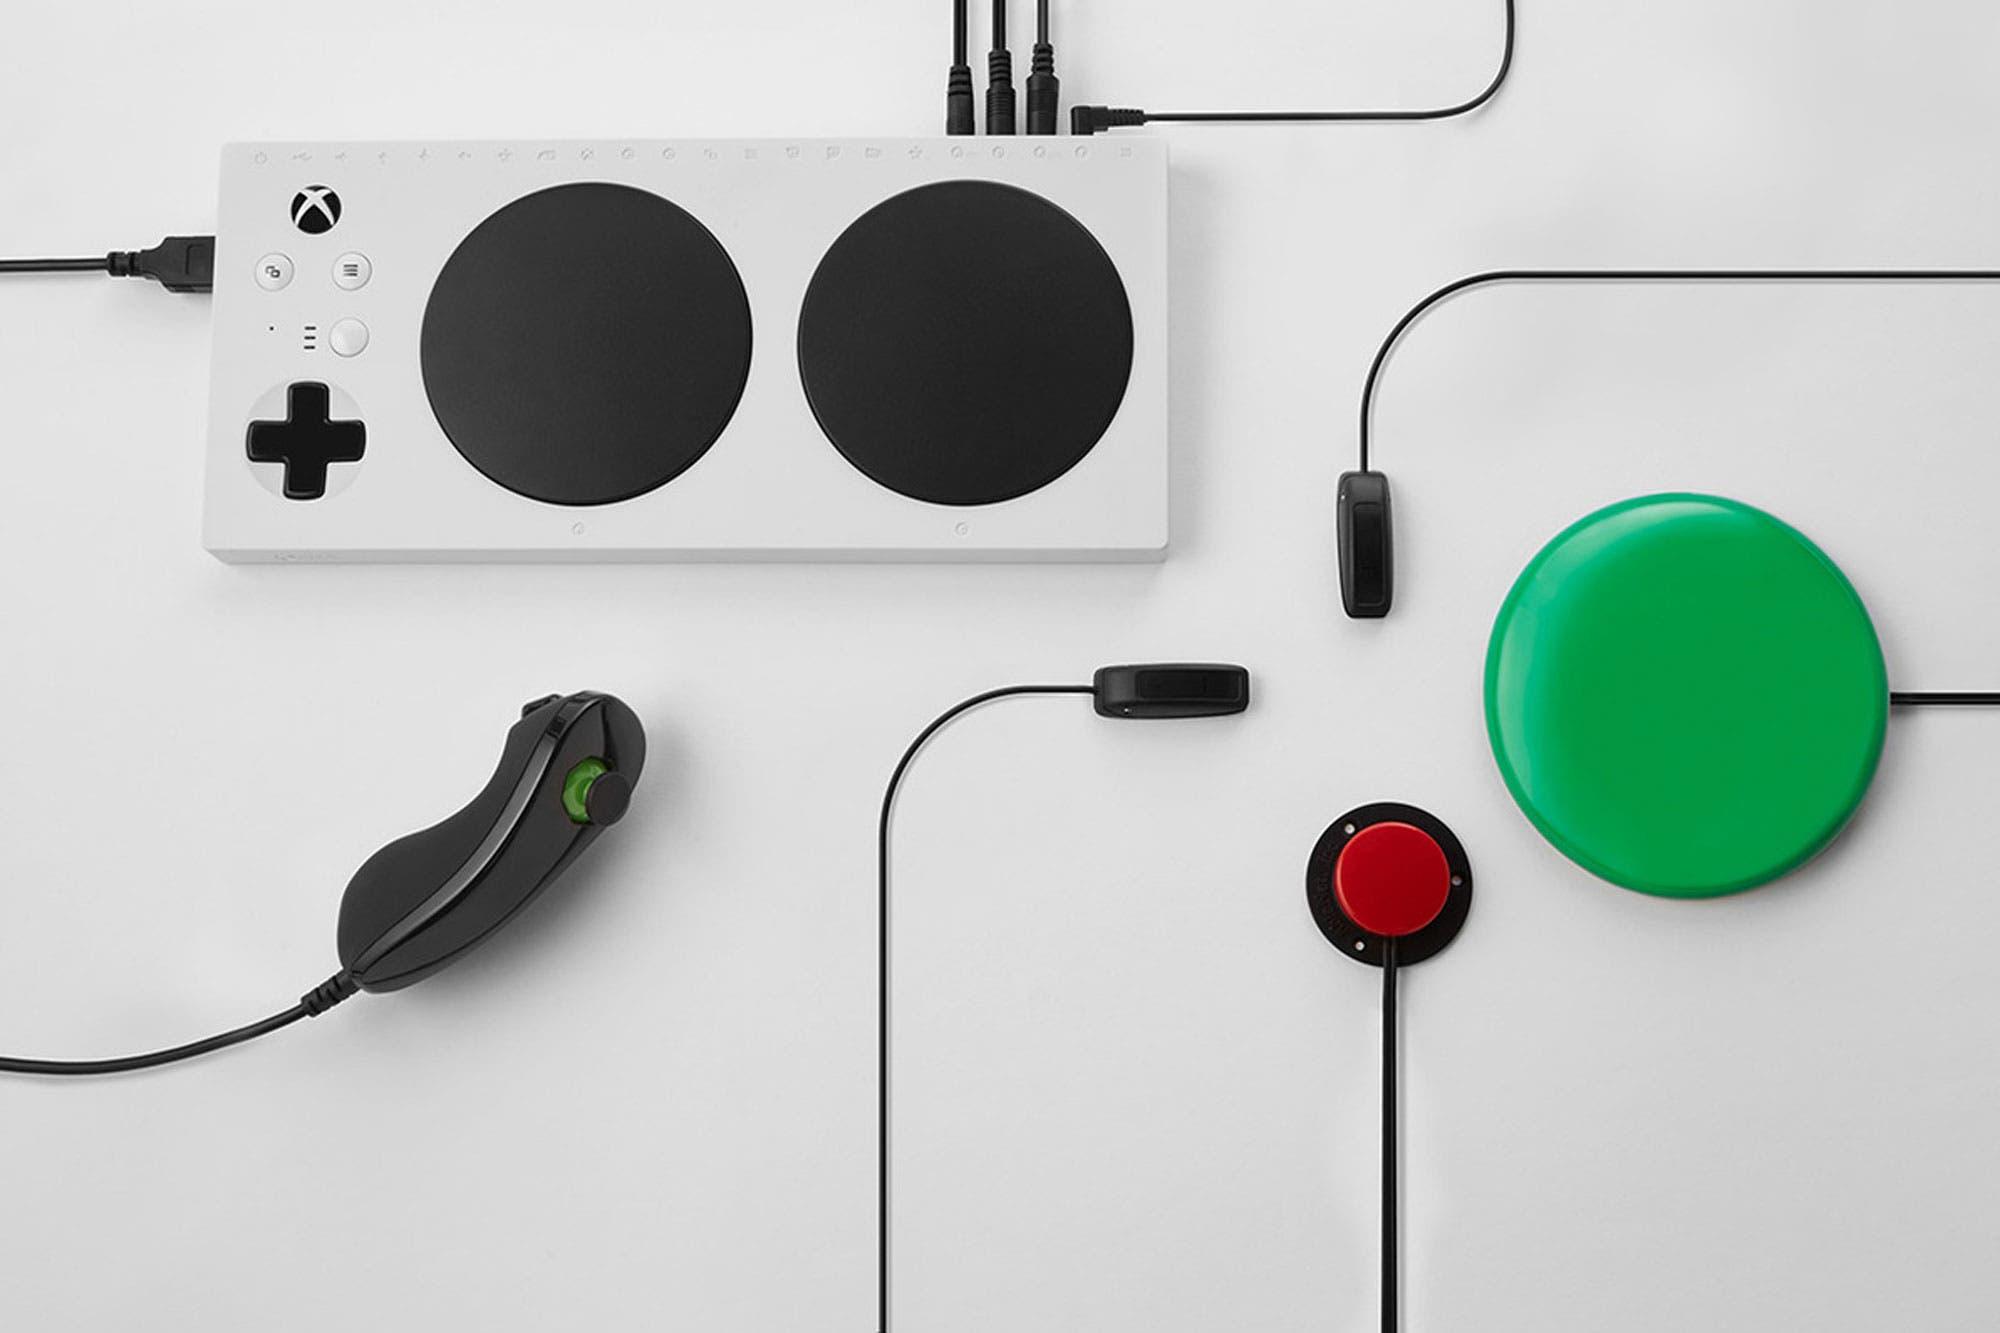 Probamos el control adaptable para la Xbox One, que permite a chicos con problemas motrices disfrutar videojuegos